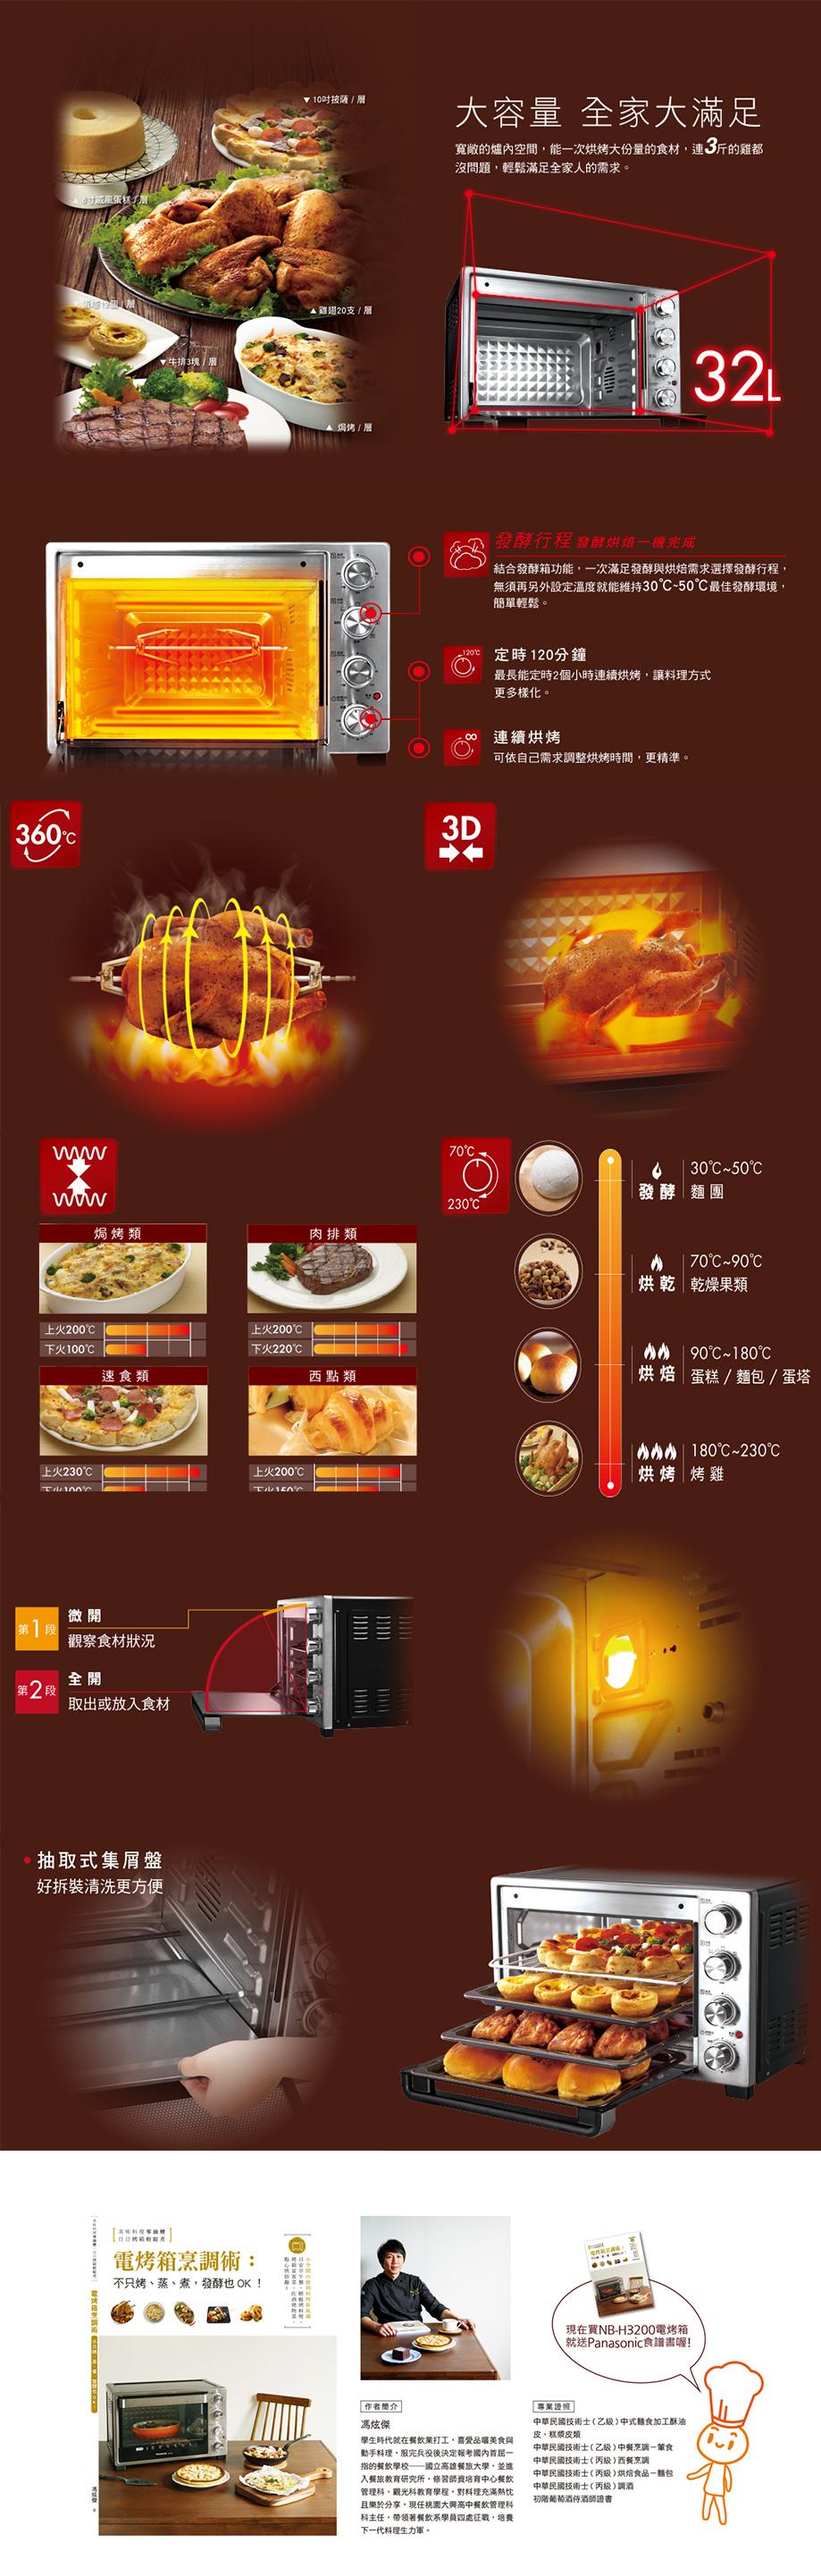 國際牌Panasonic烤箱 NB-H3200 32L 上下火獨立 發酵行程 旋轉燒烤 3D熱風 (台灣松下簽約經銷商)